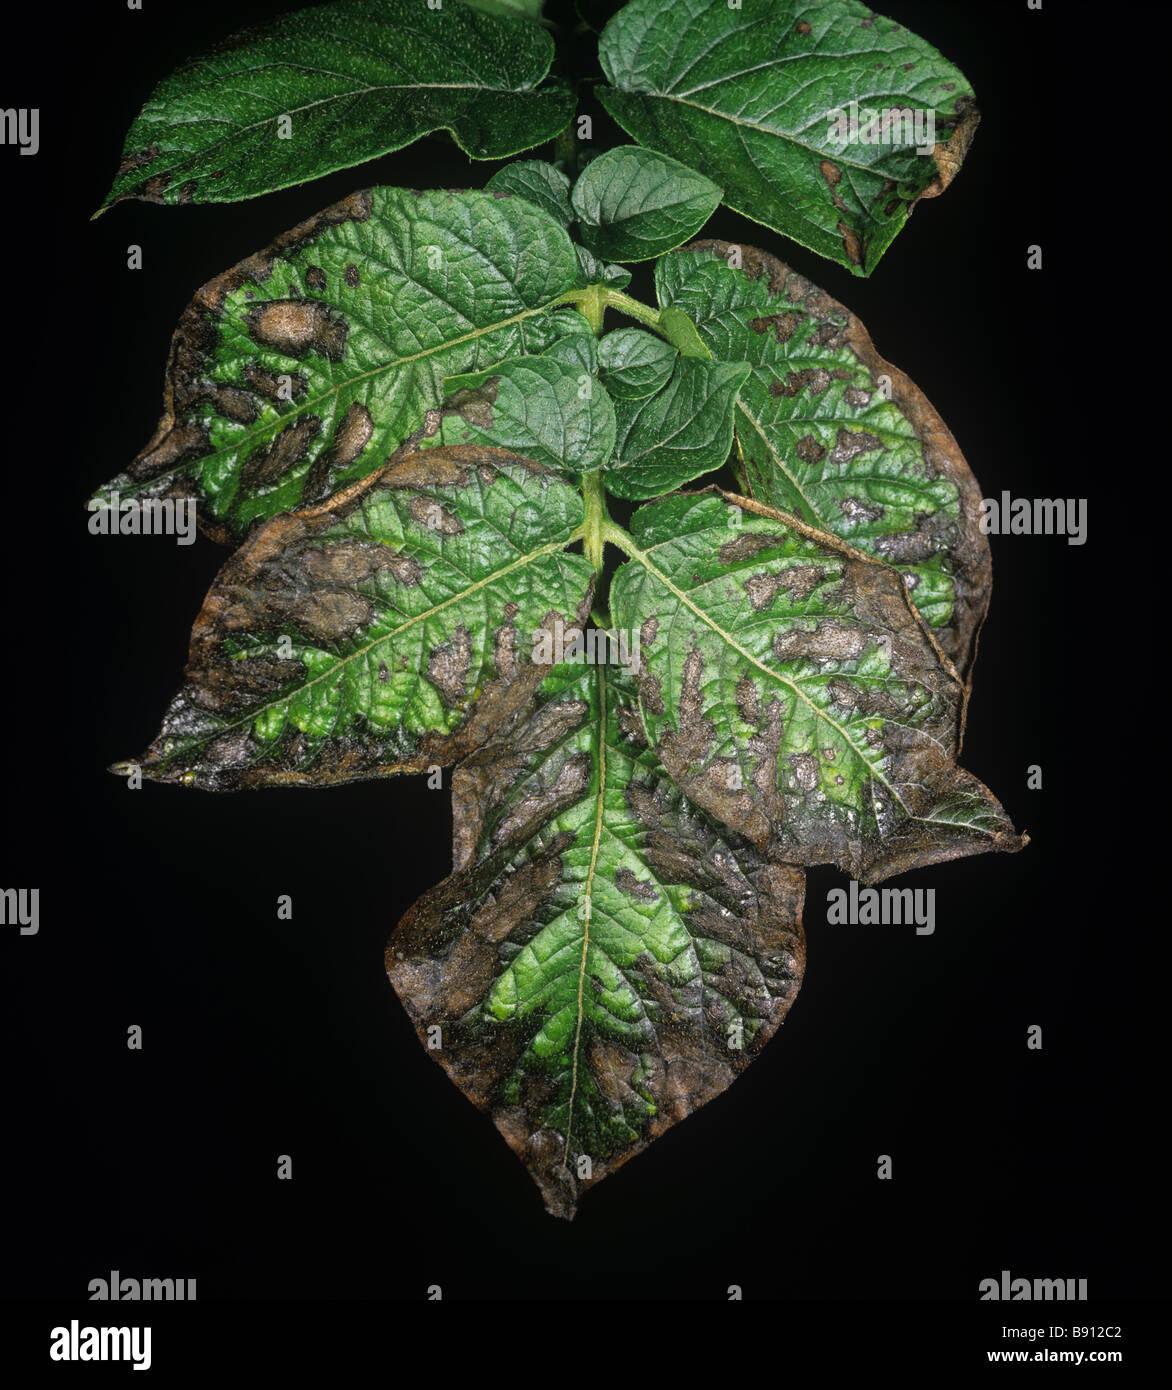 Potato leaf la necrosi la deficienza di magnesio a causa di un numero eccessivo di potassio e di stress della siccità Immagini Stock